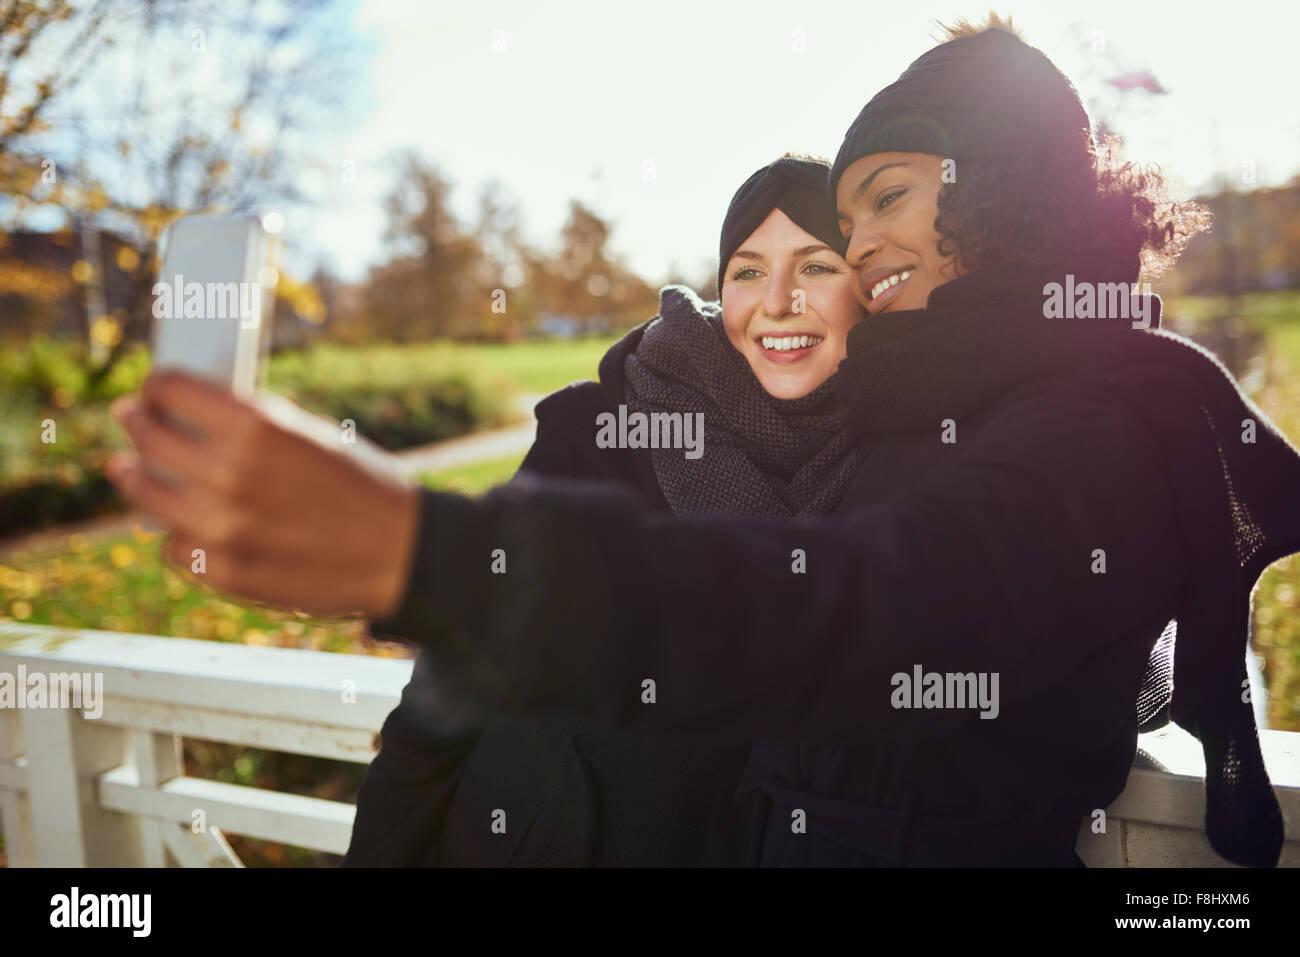 Sorridente due giovani donne in vestiti caldi tenendo selfie contro di parco autunnali Immagini Stock